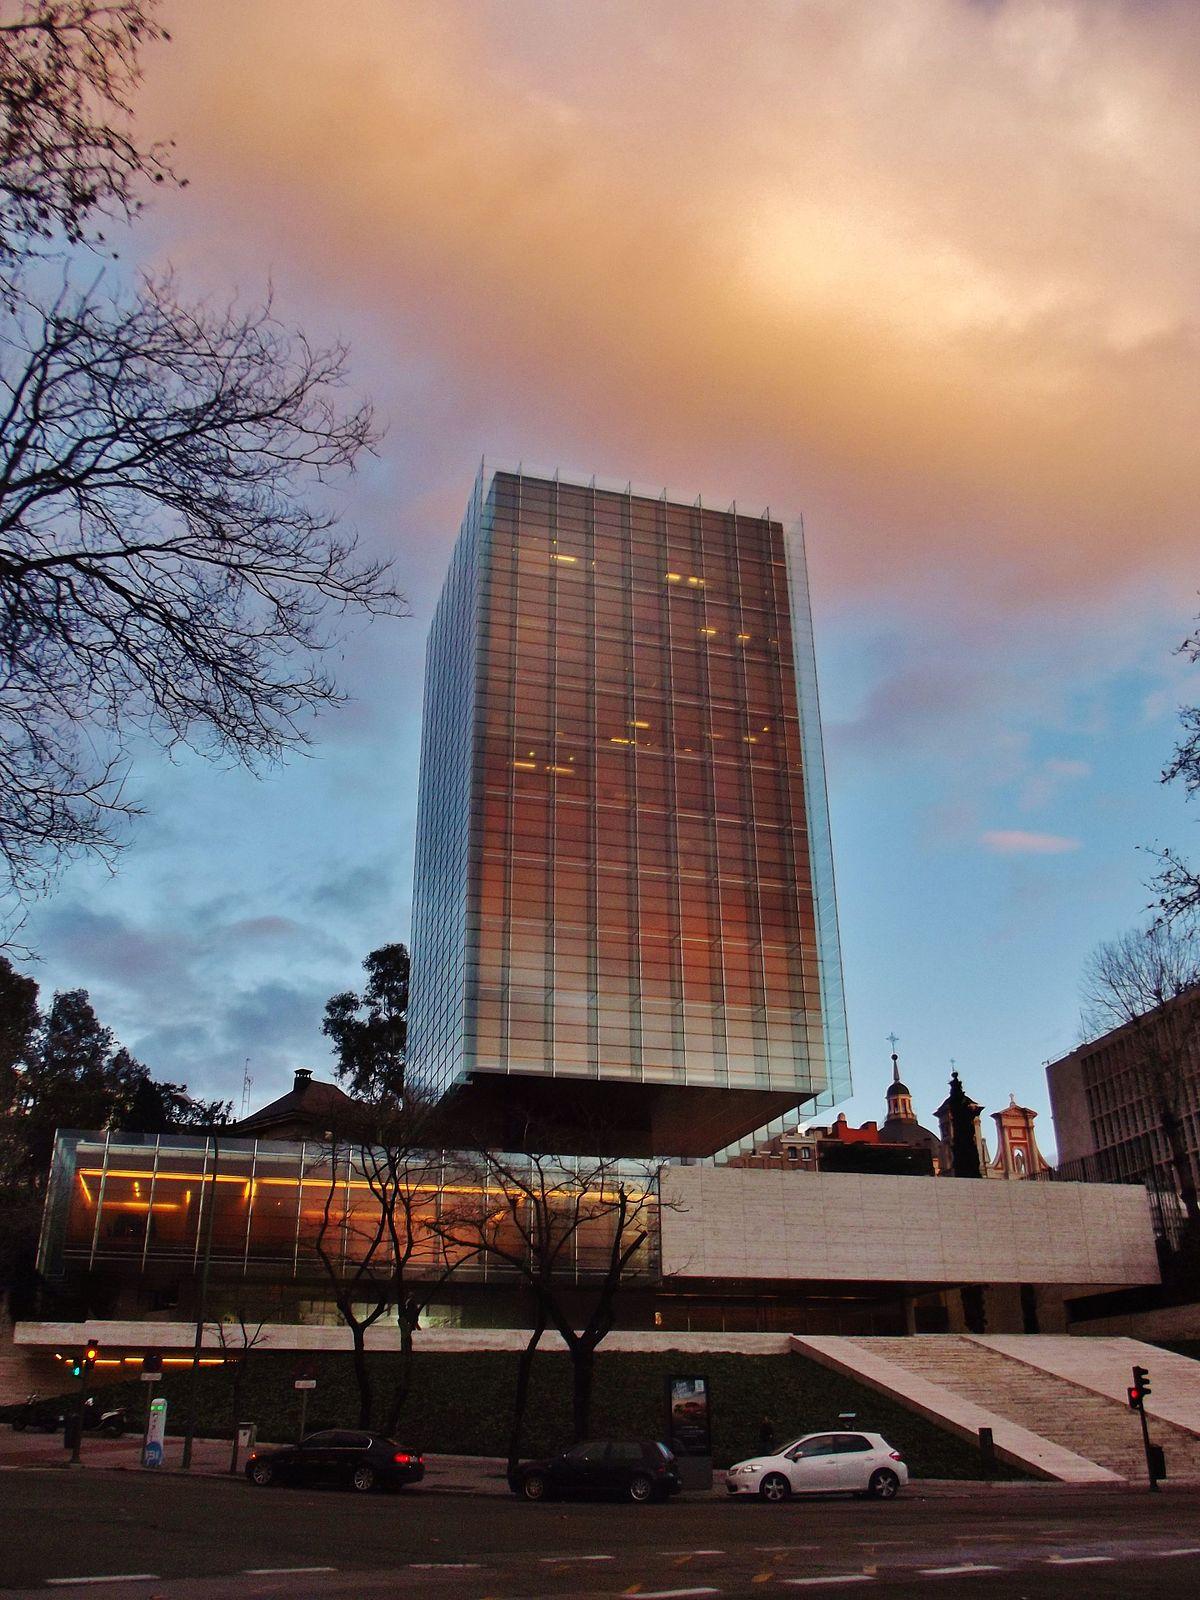 Edificio castelar wikipedia la enciclopedia libre for Edificios oficinas madrid